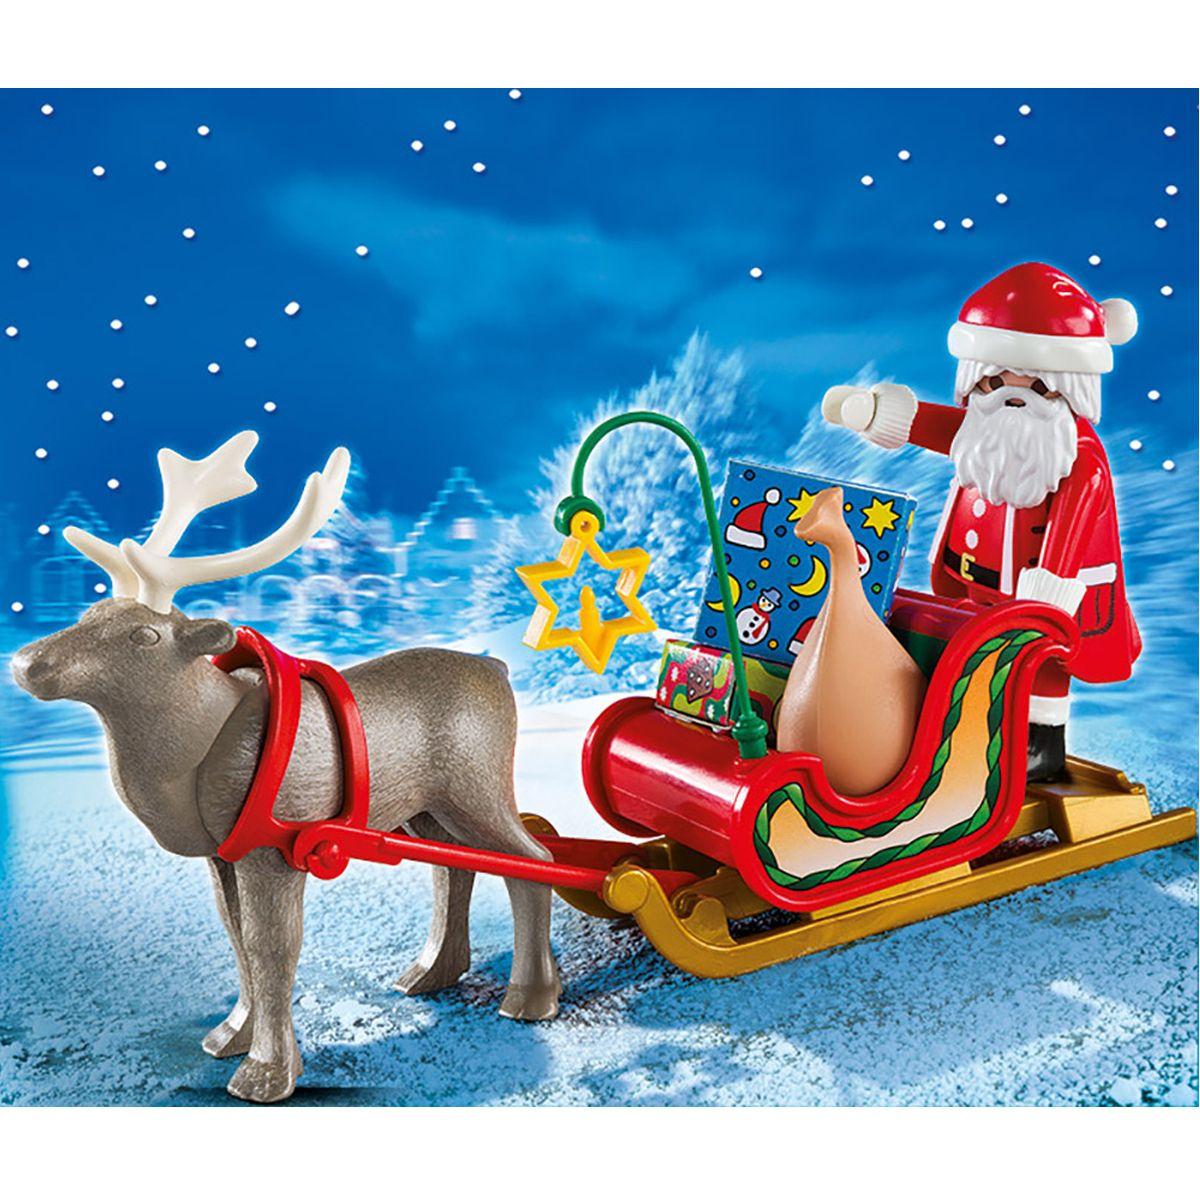 Père Noël Et Son Traîneau Playmobil Christmas 5590 serapportantà Image Du Pere Noel Et Son Traineau